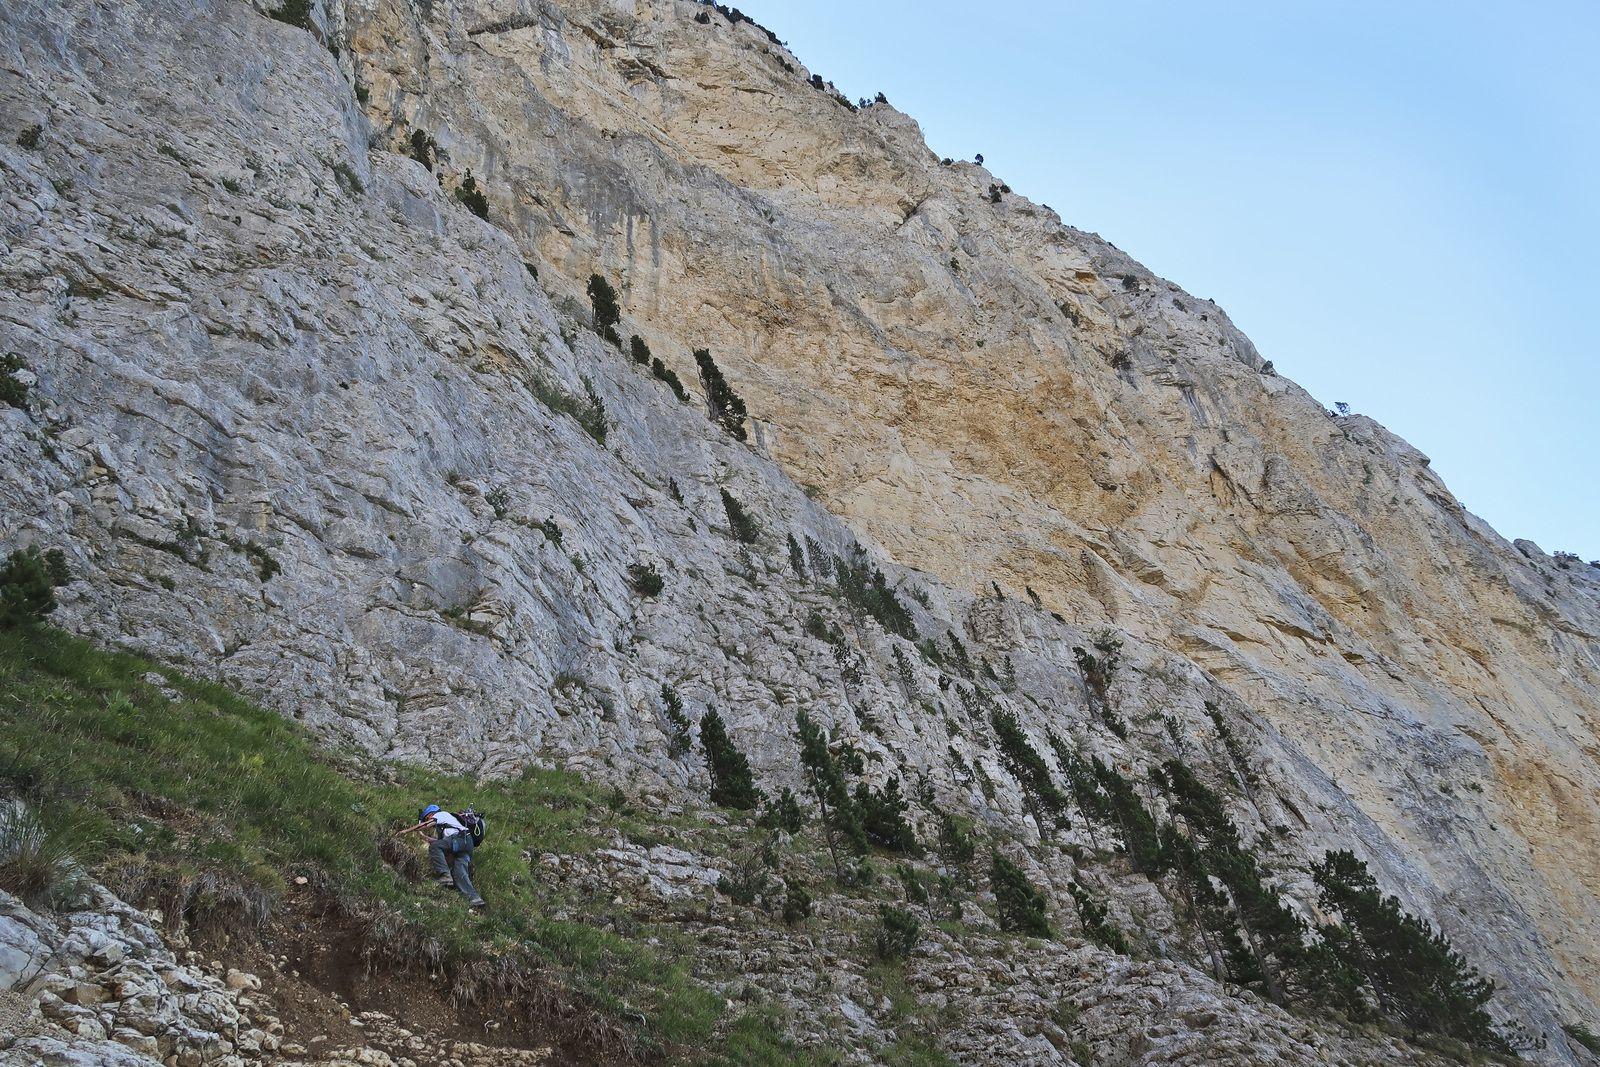 Arrivée sous la grande falaise jaune.